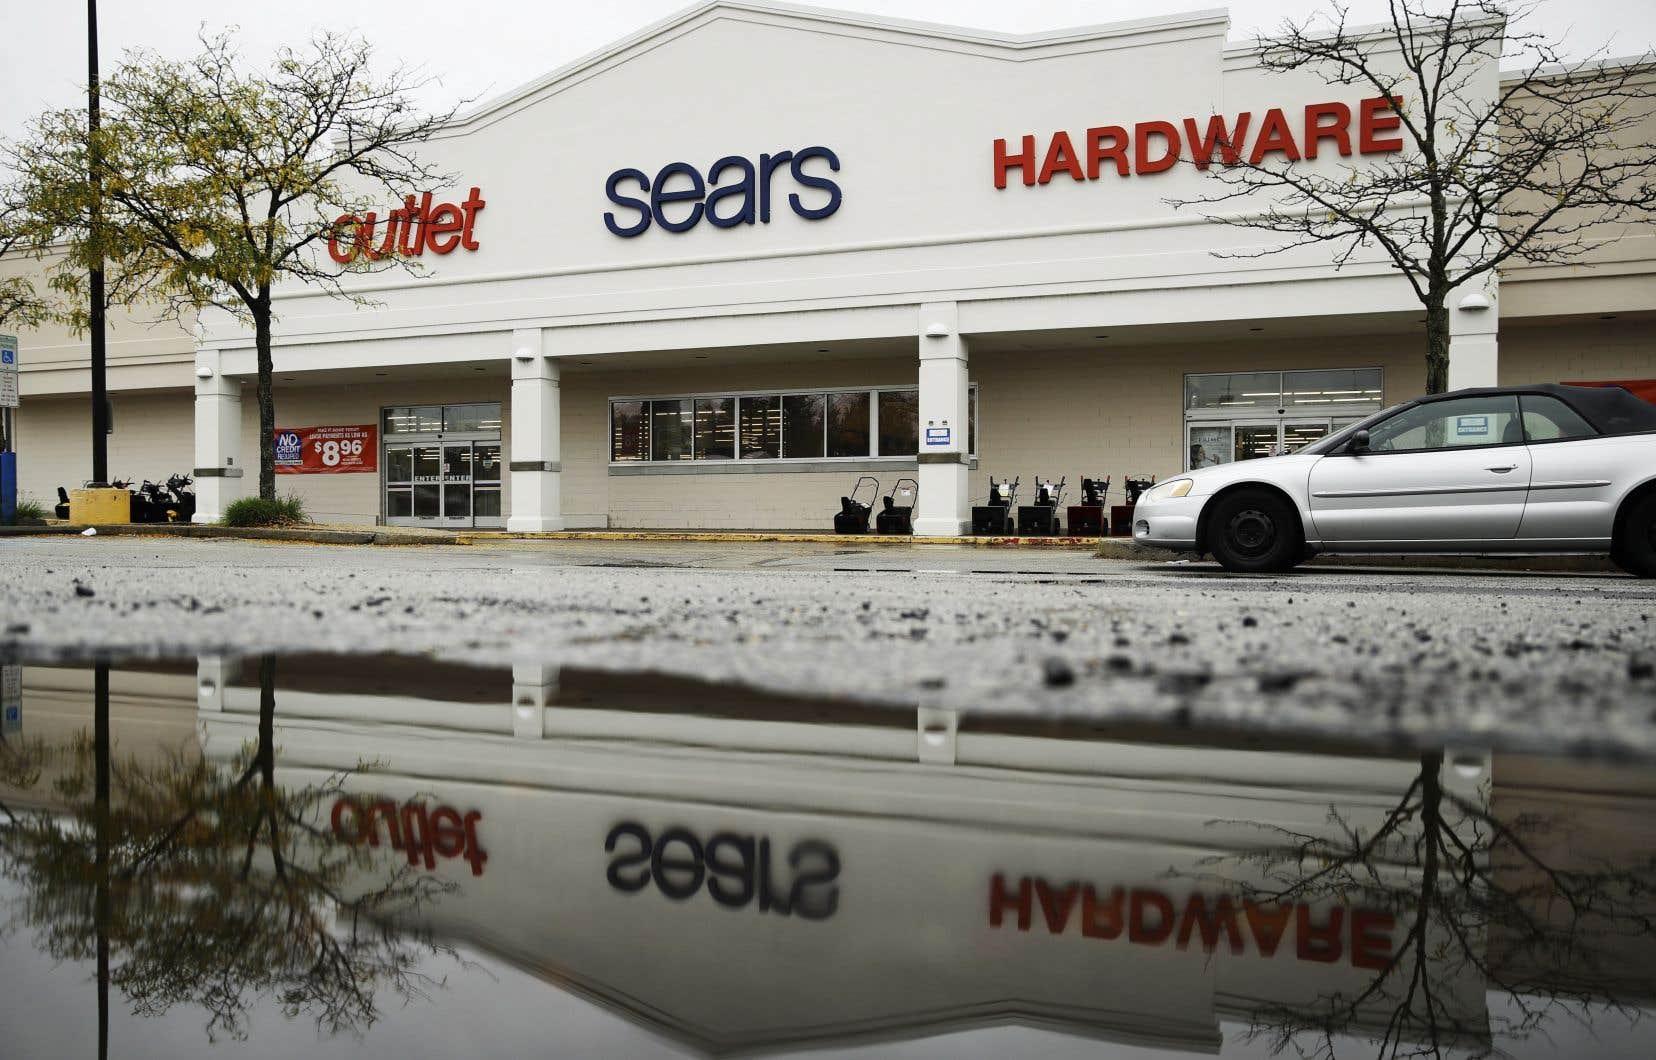 Sears Holdings, qui détient les bannières Sears et Kmart, fermera 142 magasins déficitaires vers la fin de l'année, et les ventes de liquidation devraient commencer bientôt.